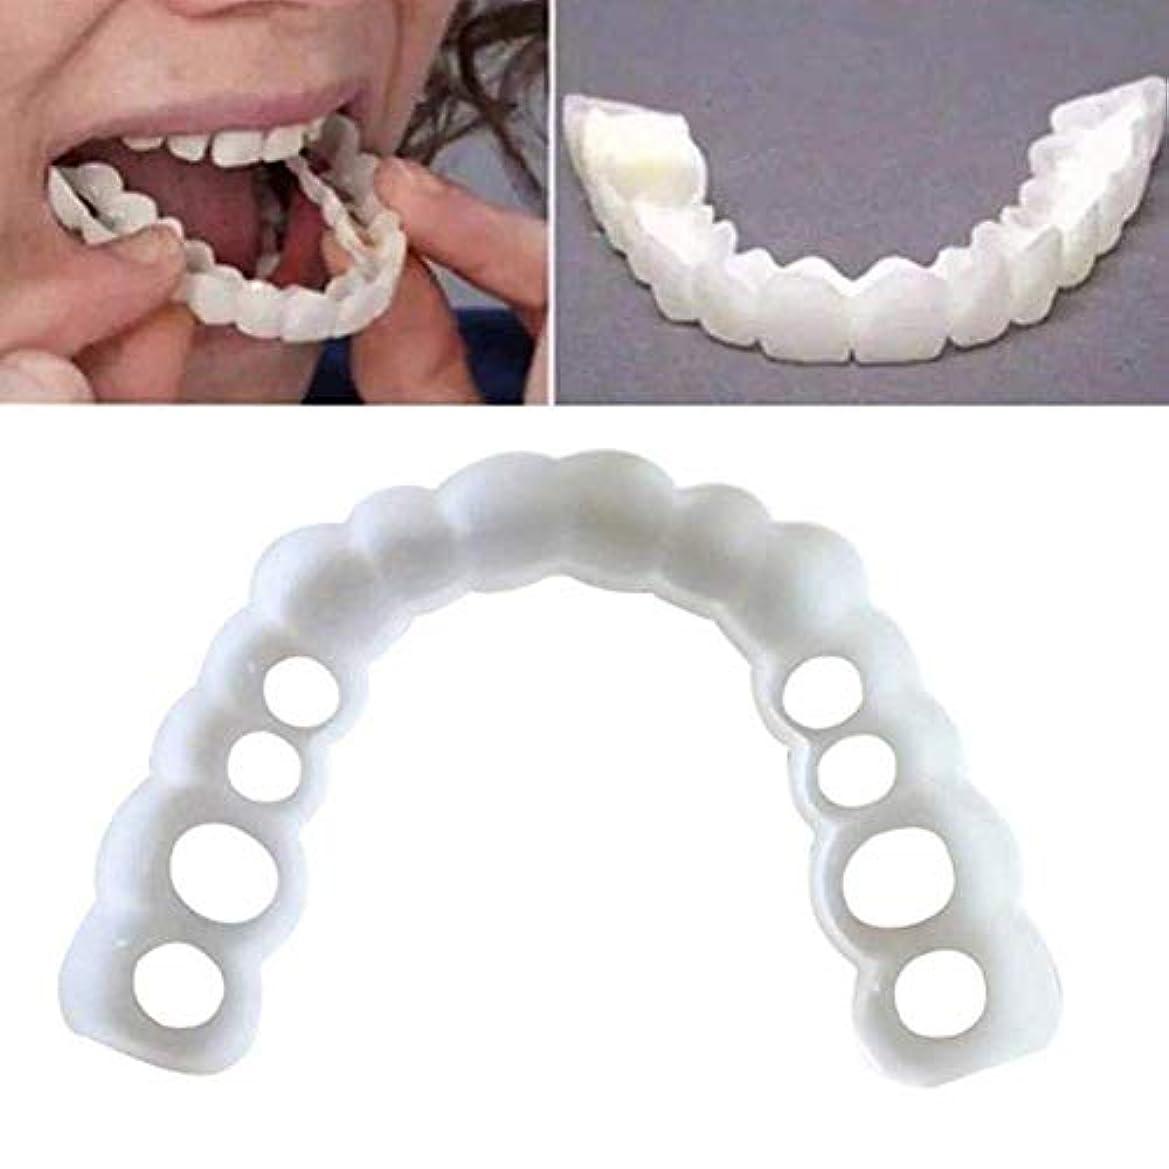 発掘洪水改修するソフト化粧品歯のための適切な美しいコンフォートの2ペアは、上部と下部のメイクベニアを入れ歯